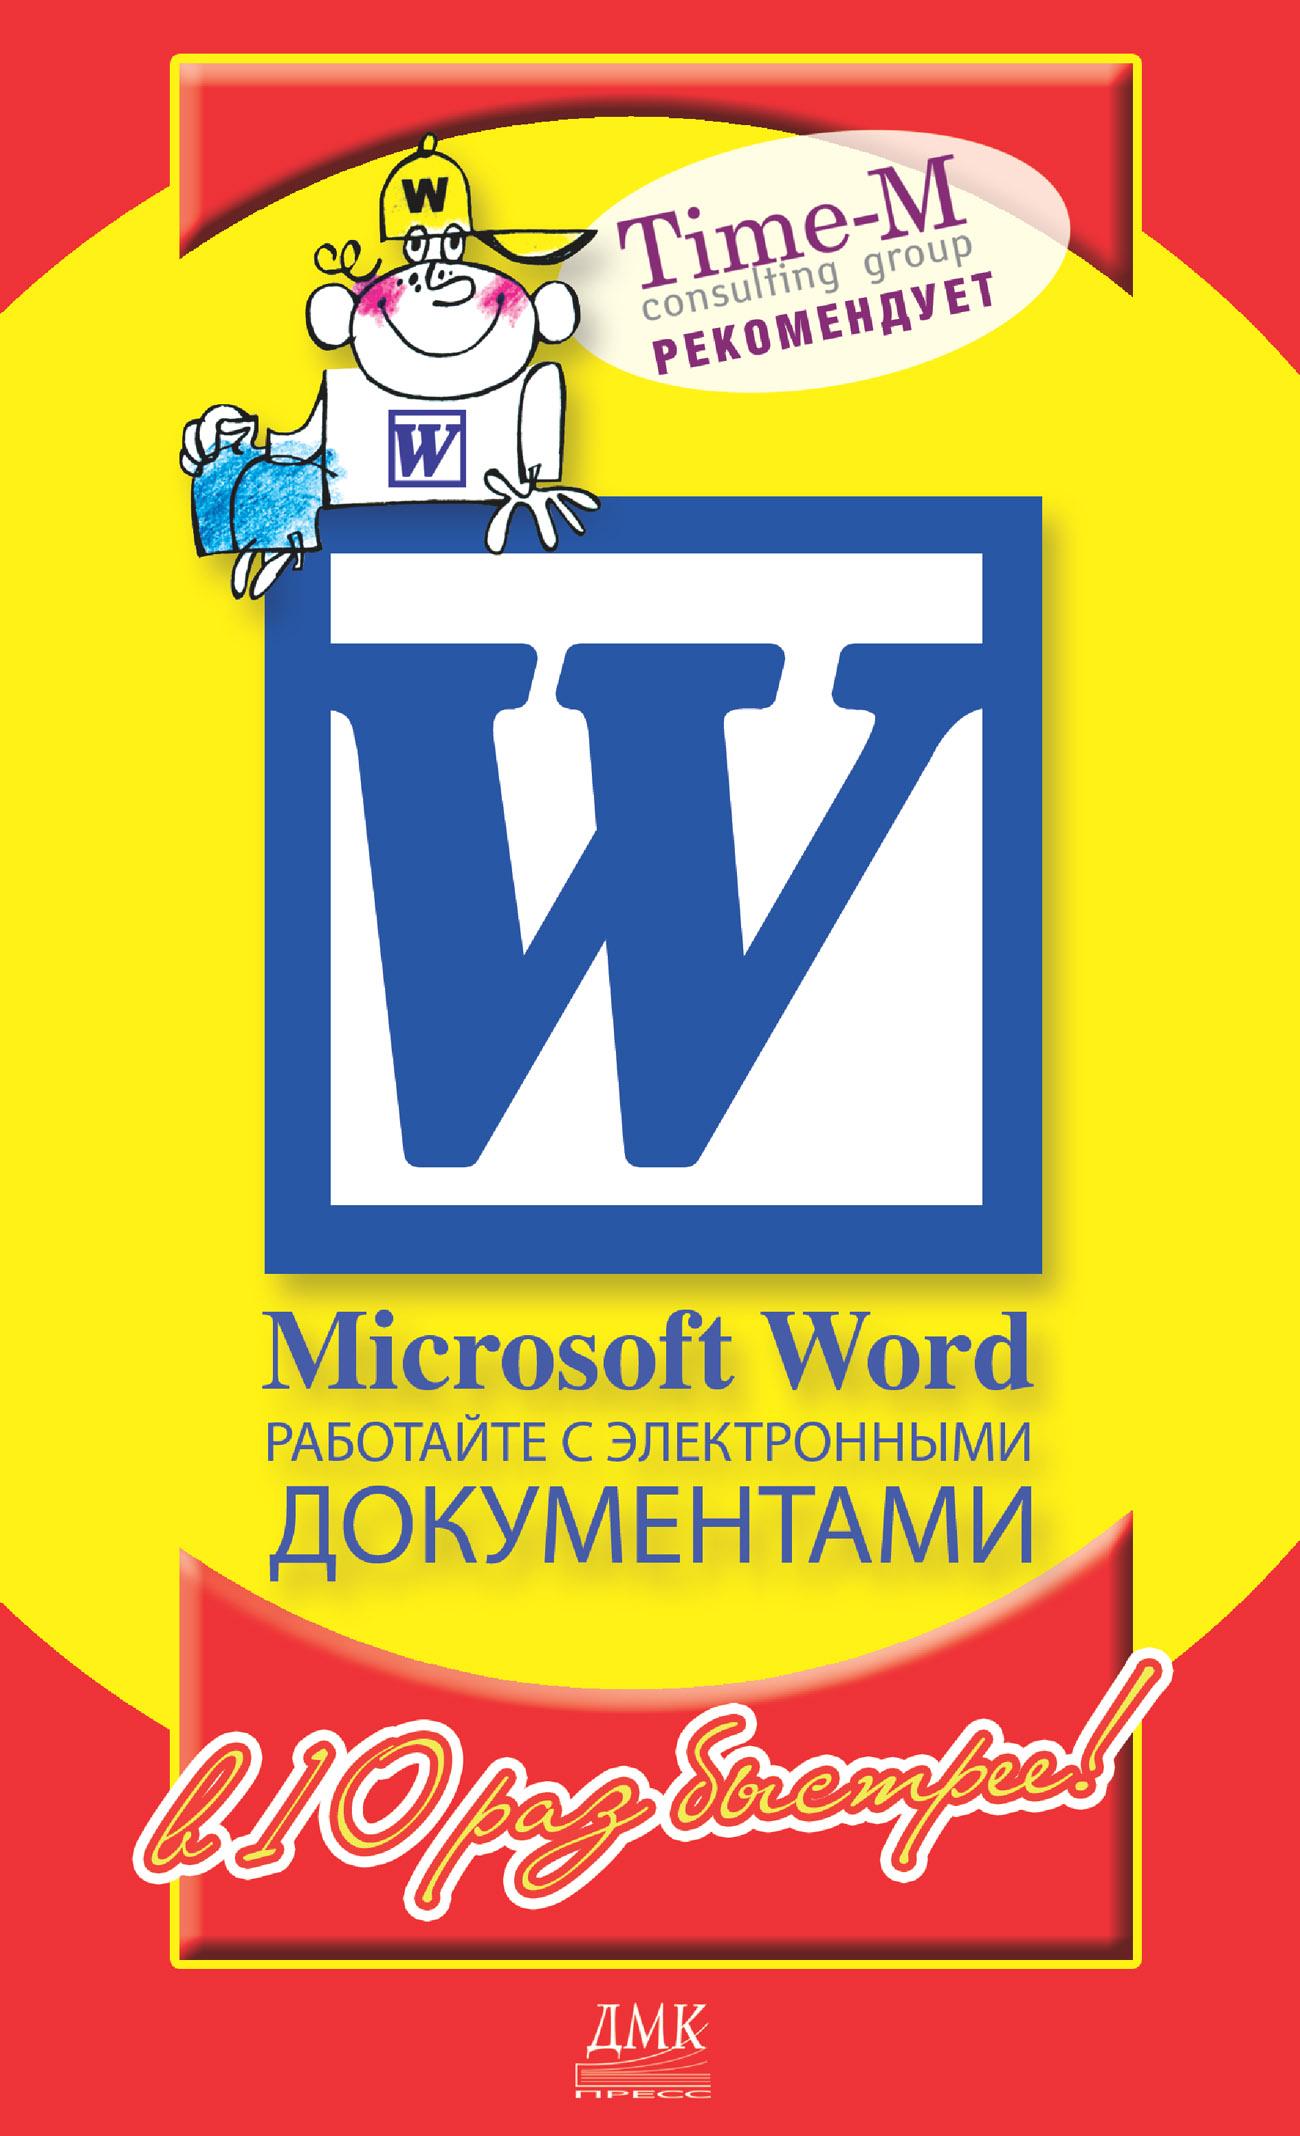 Александр Горбачев, Дмитрий Котлеев «Microsoft Word. Работайте с электронными документами в 10 раз быстрее»